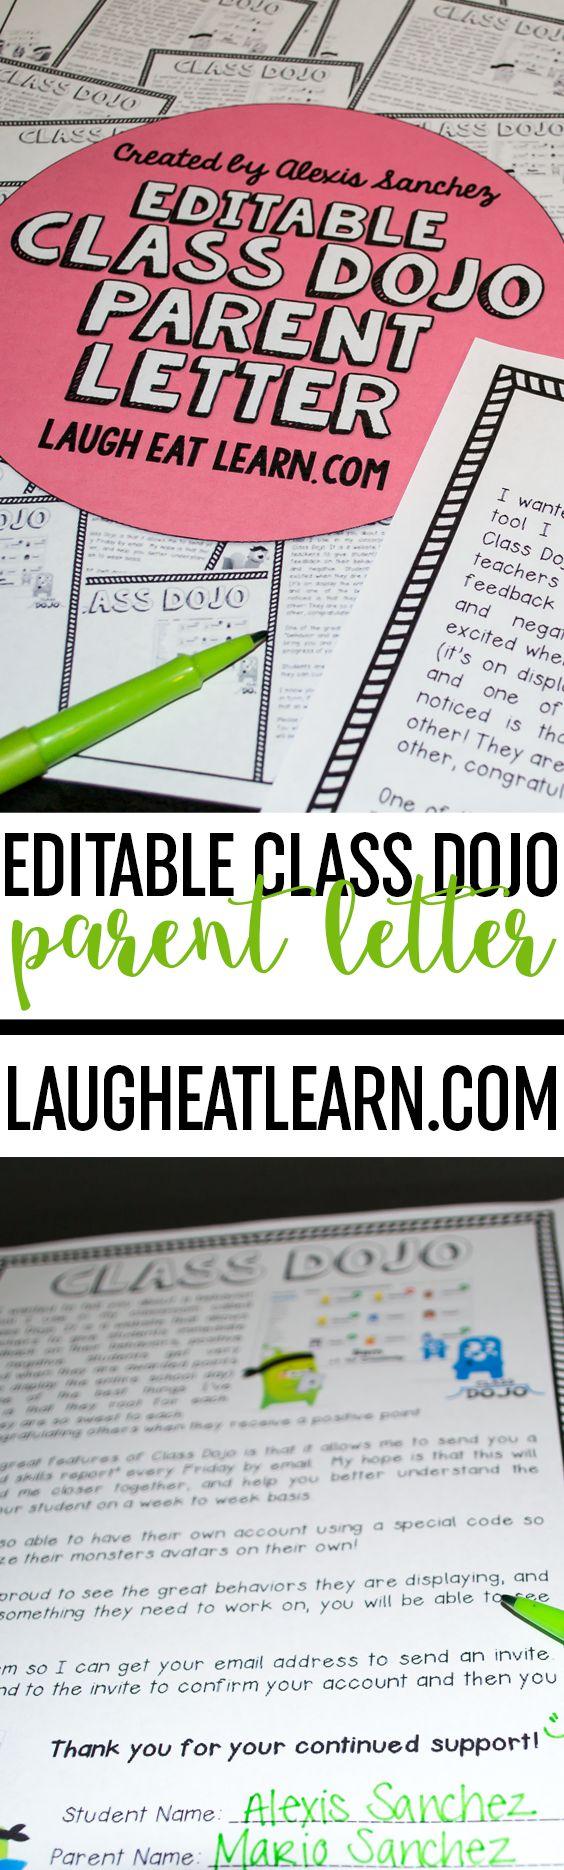 Editable Class Dojo Letter Freebie Class dojo, Letter to